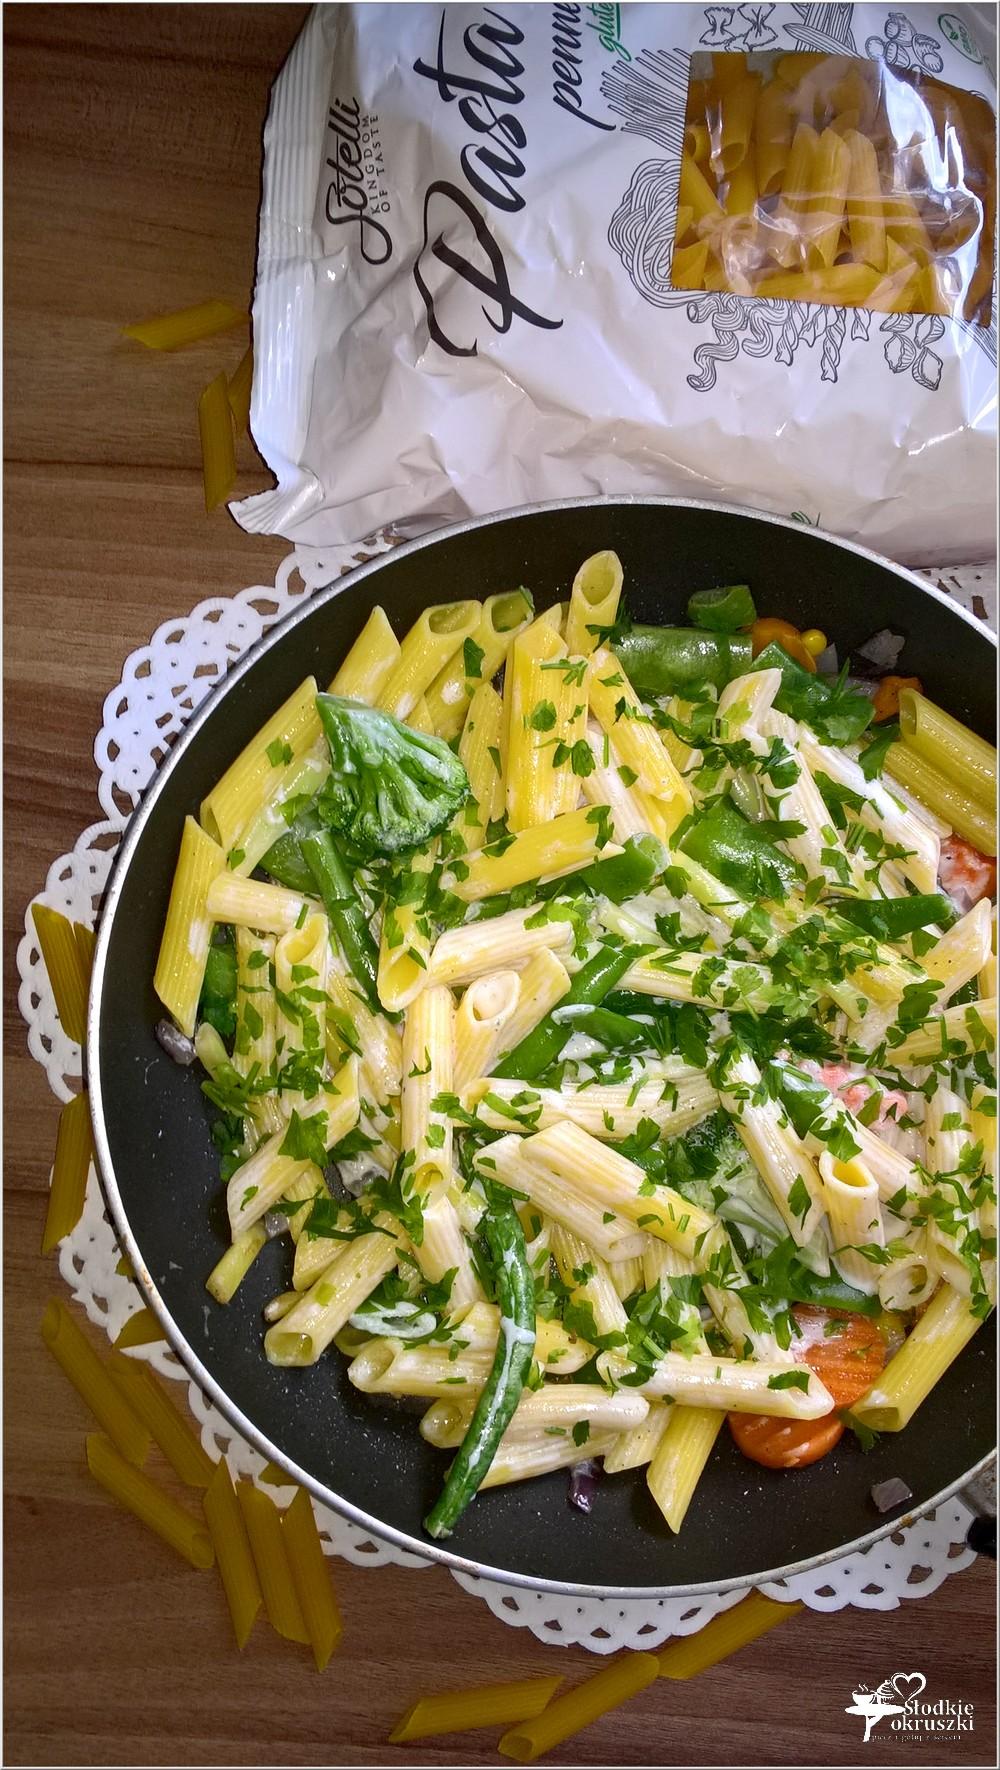 Bezglutenowy makaron z warzywami i jogurtem. Lżejszy obiad. (2)